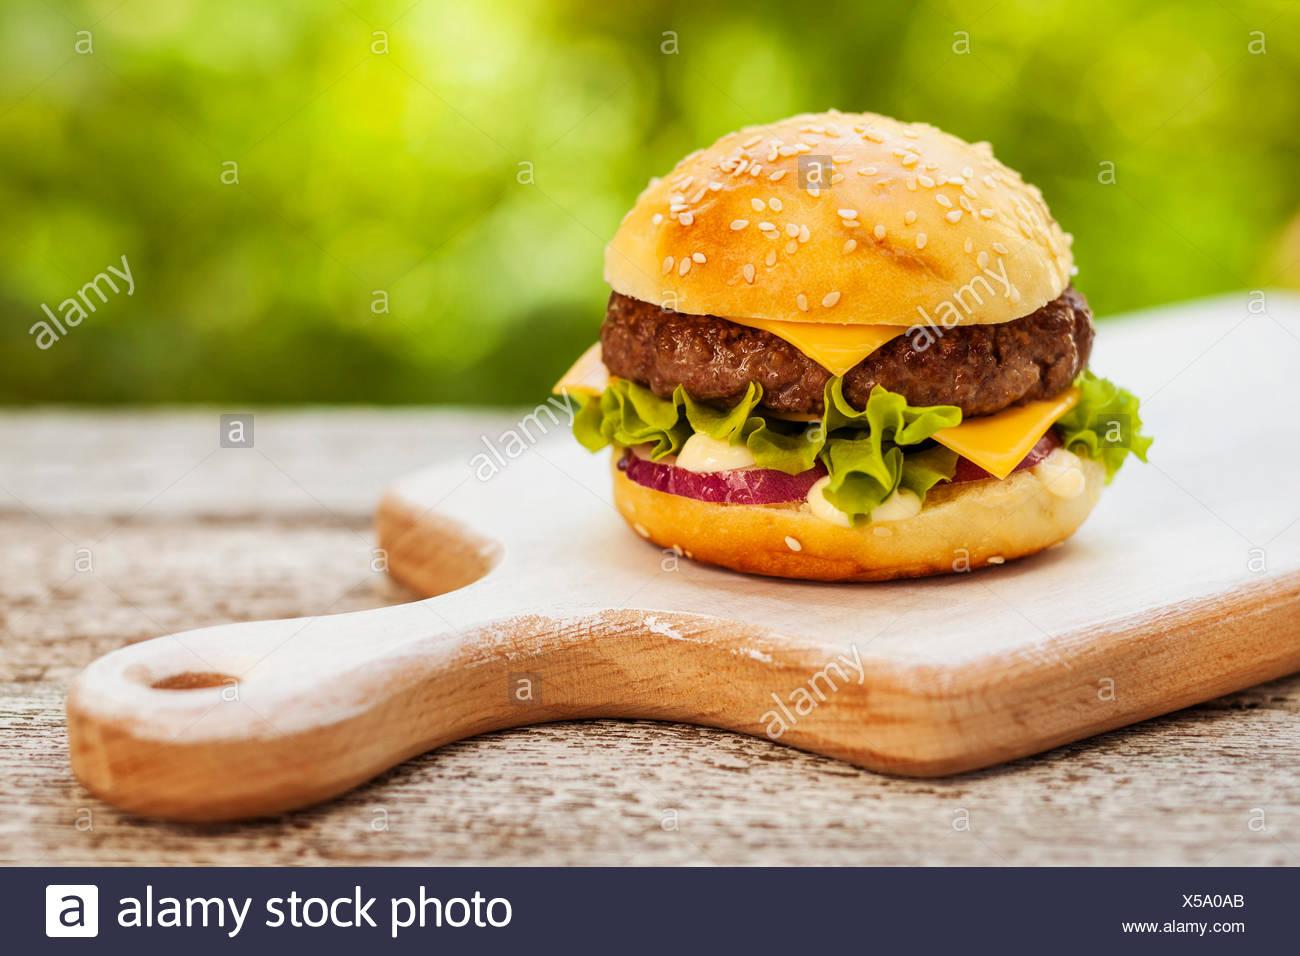 Lecker Burger mit Käse, Salat, Zwiebeln und Tomaten serviert auf einem Holztisch im freien Stockbild